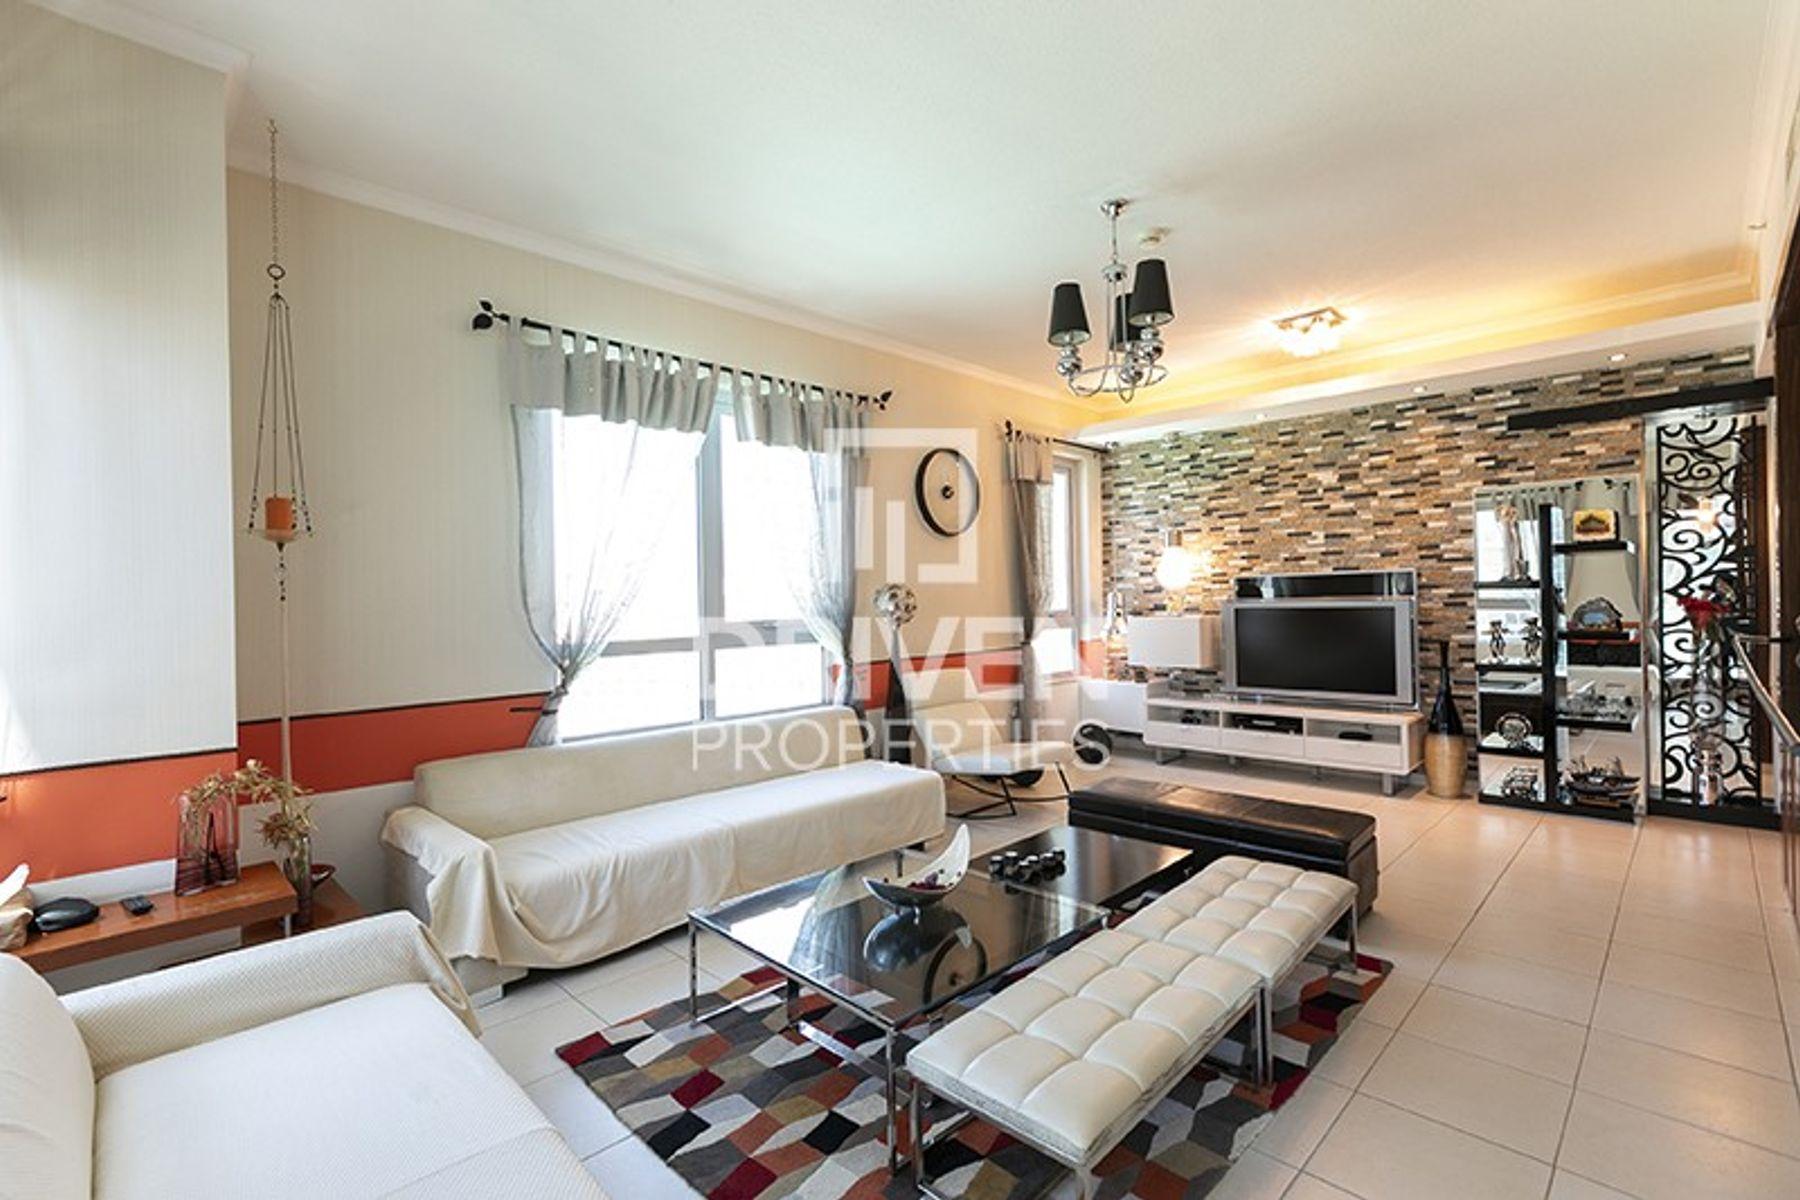 للايجار - شقة - ذا ريزيدنس 3 - دبي وسط المدينة